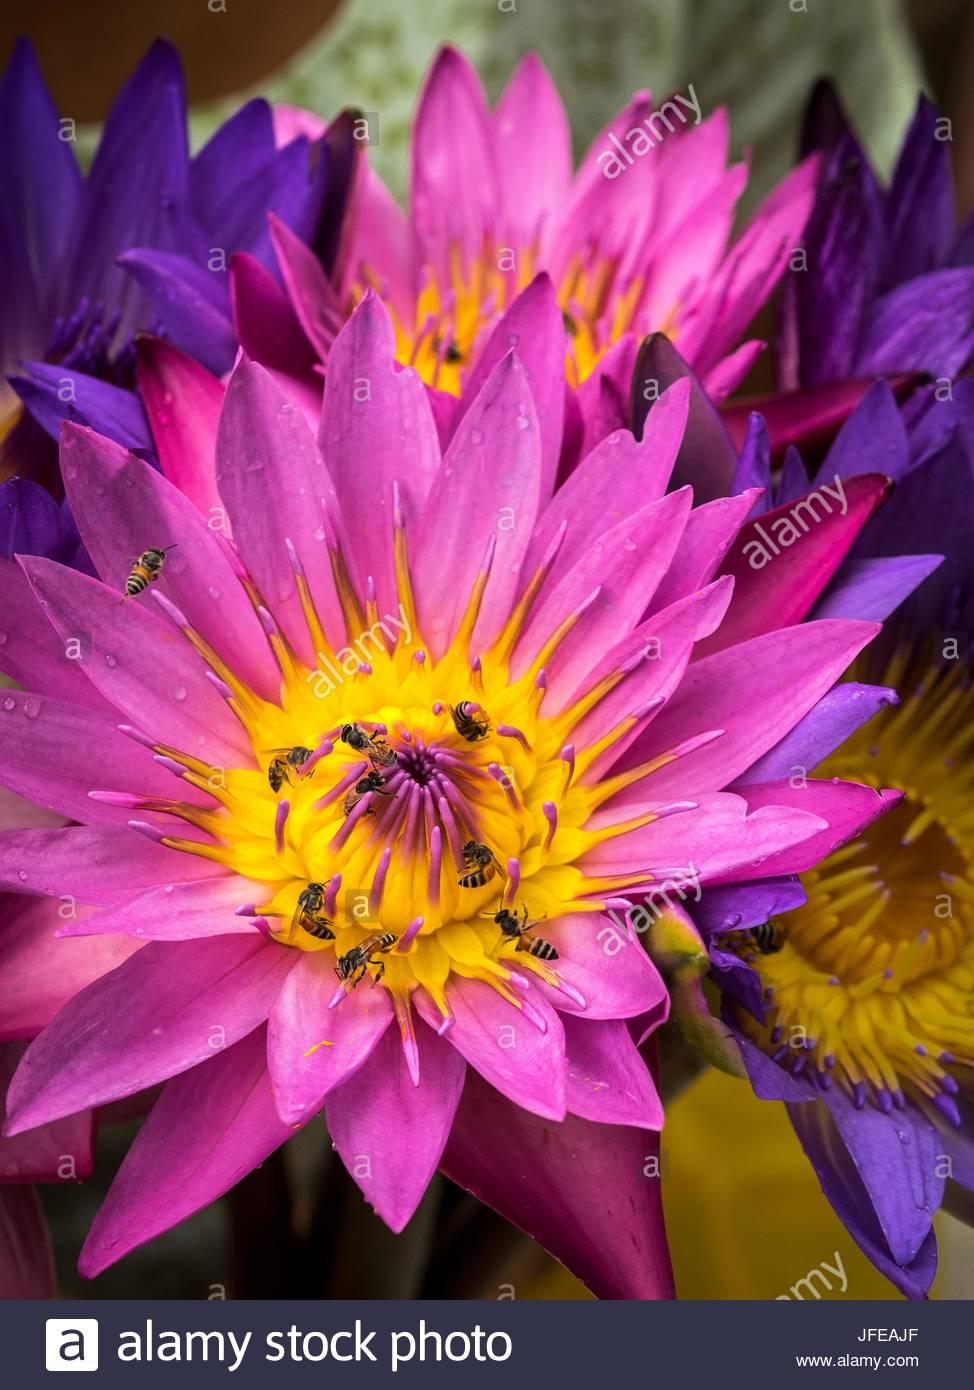 Le api raccolgono il polline di fiori viola in Mandalay. Immagini Stock